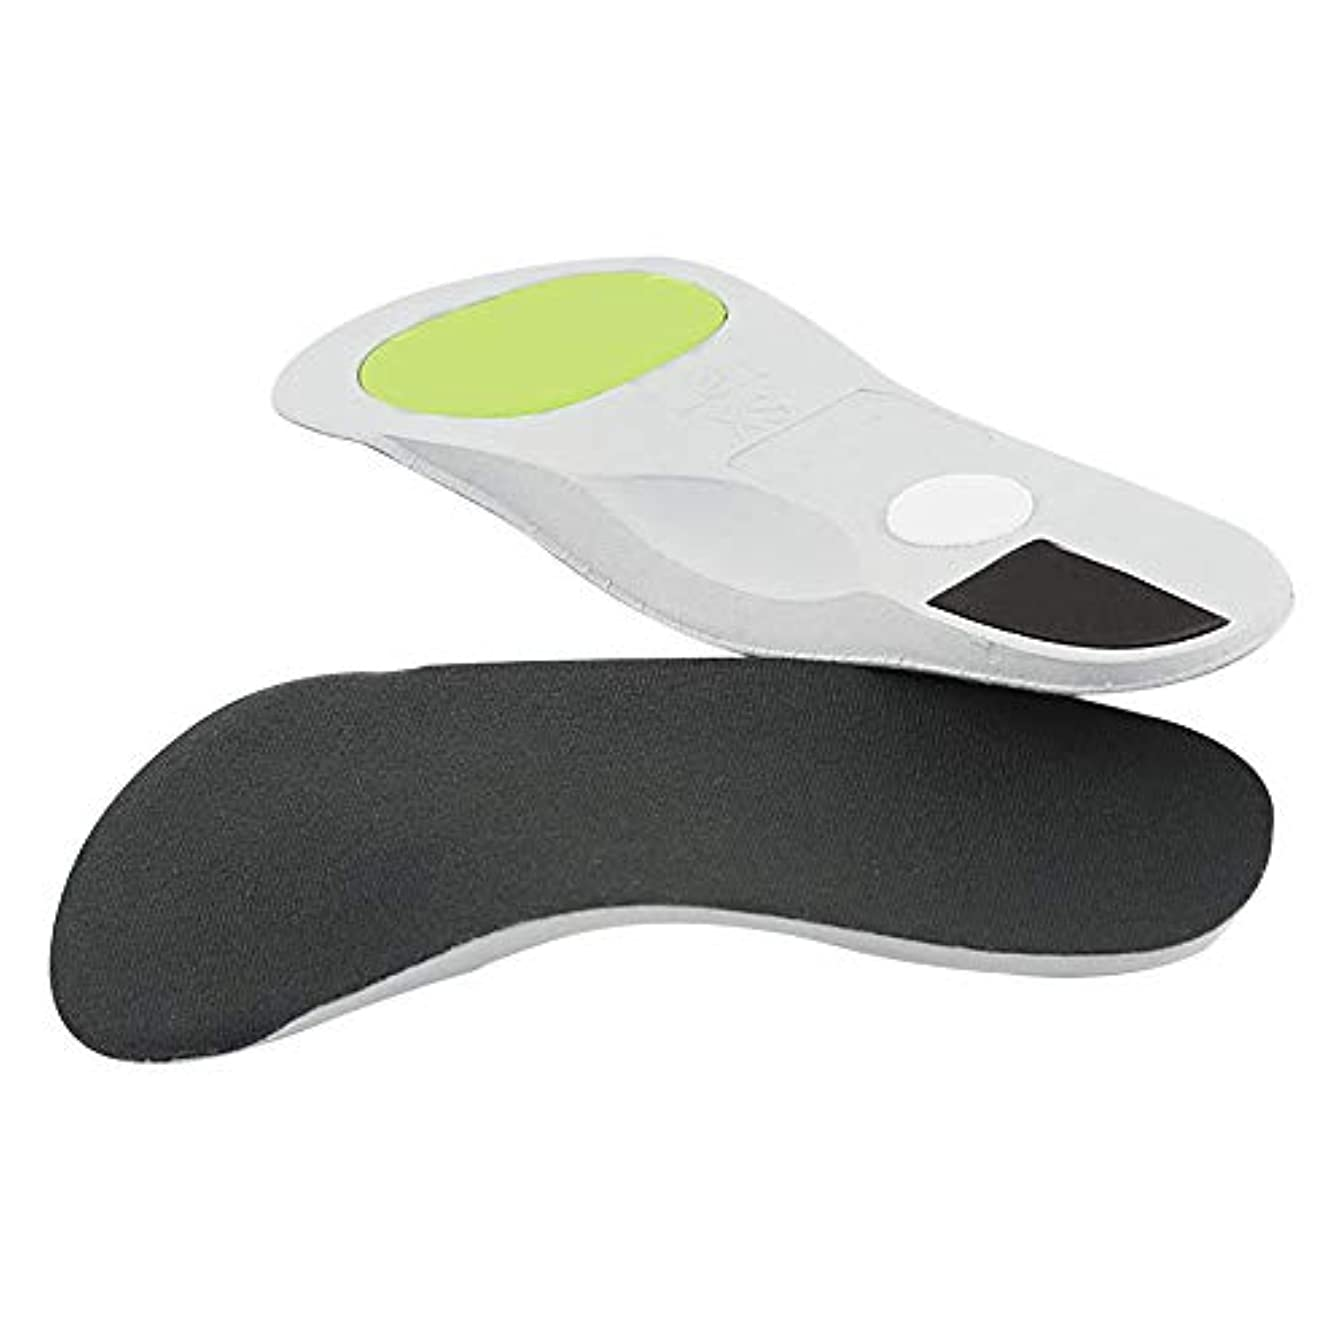 かまど熟読支給矯正インソールアーチサポートインソールトリートメントフラットフット足の痛みを和らげますフィットネス、ランニング、テニス用の通気性のある滑り止めアーチヒール,L